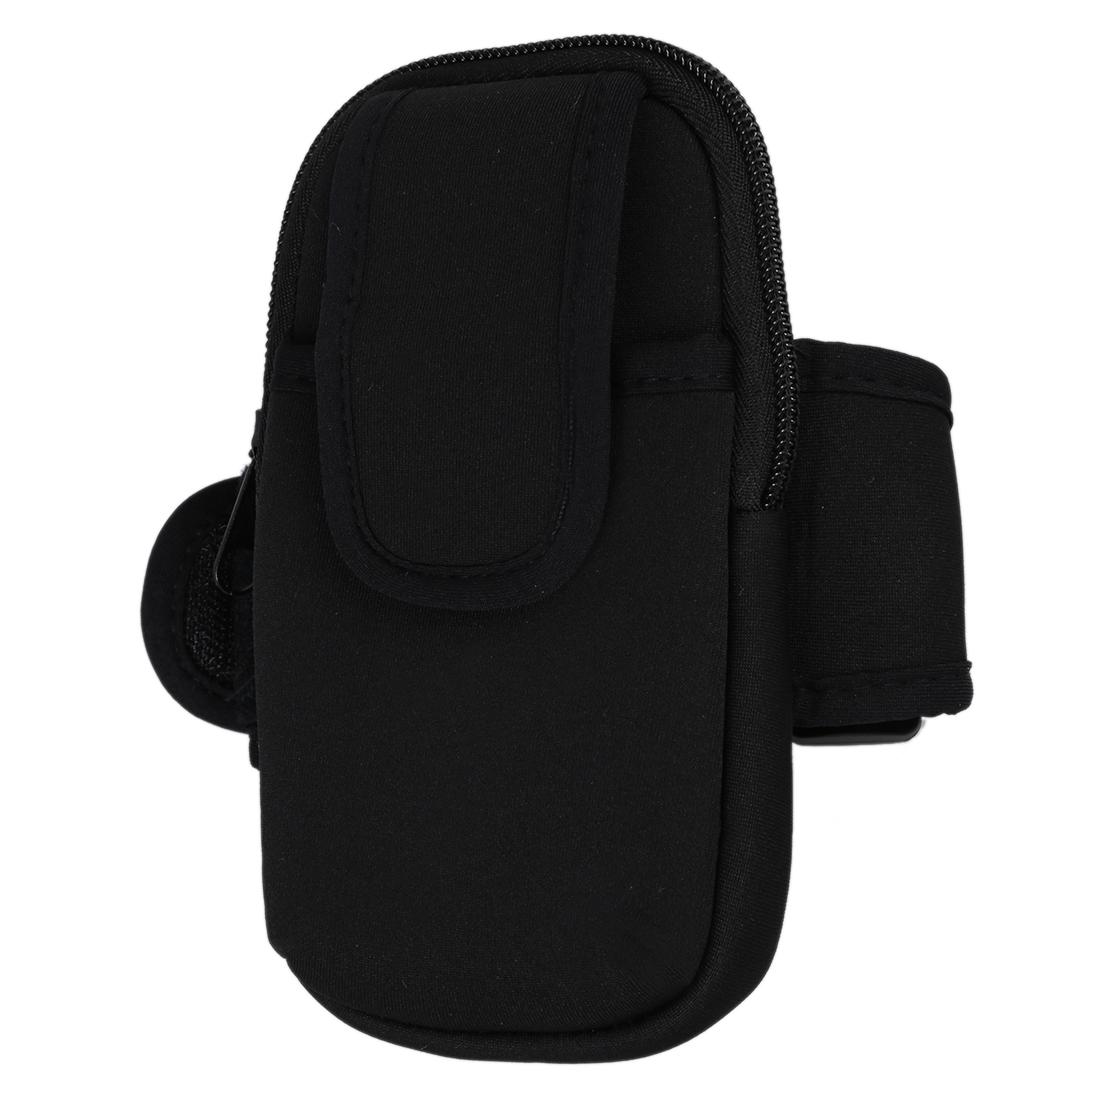 Dettagli su Fascia da braccio sportiva custodia nera per lettore MP3 ...